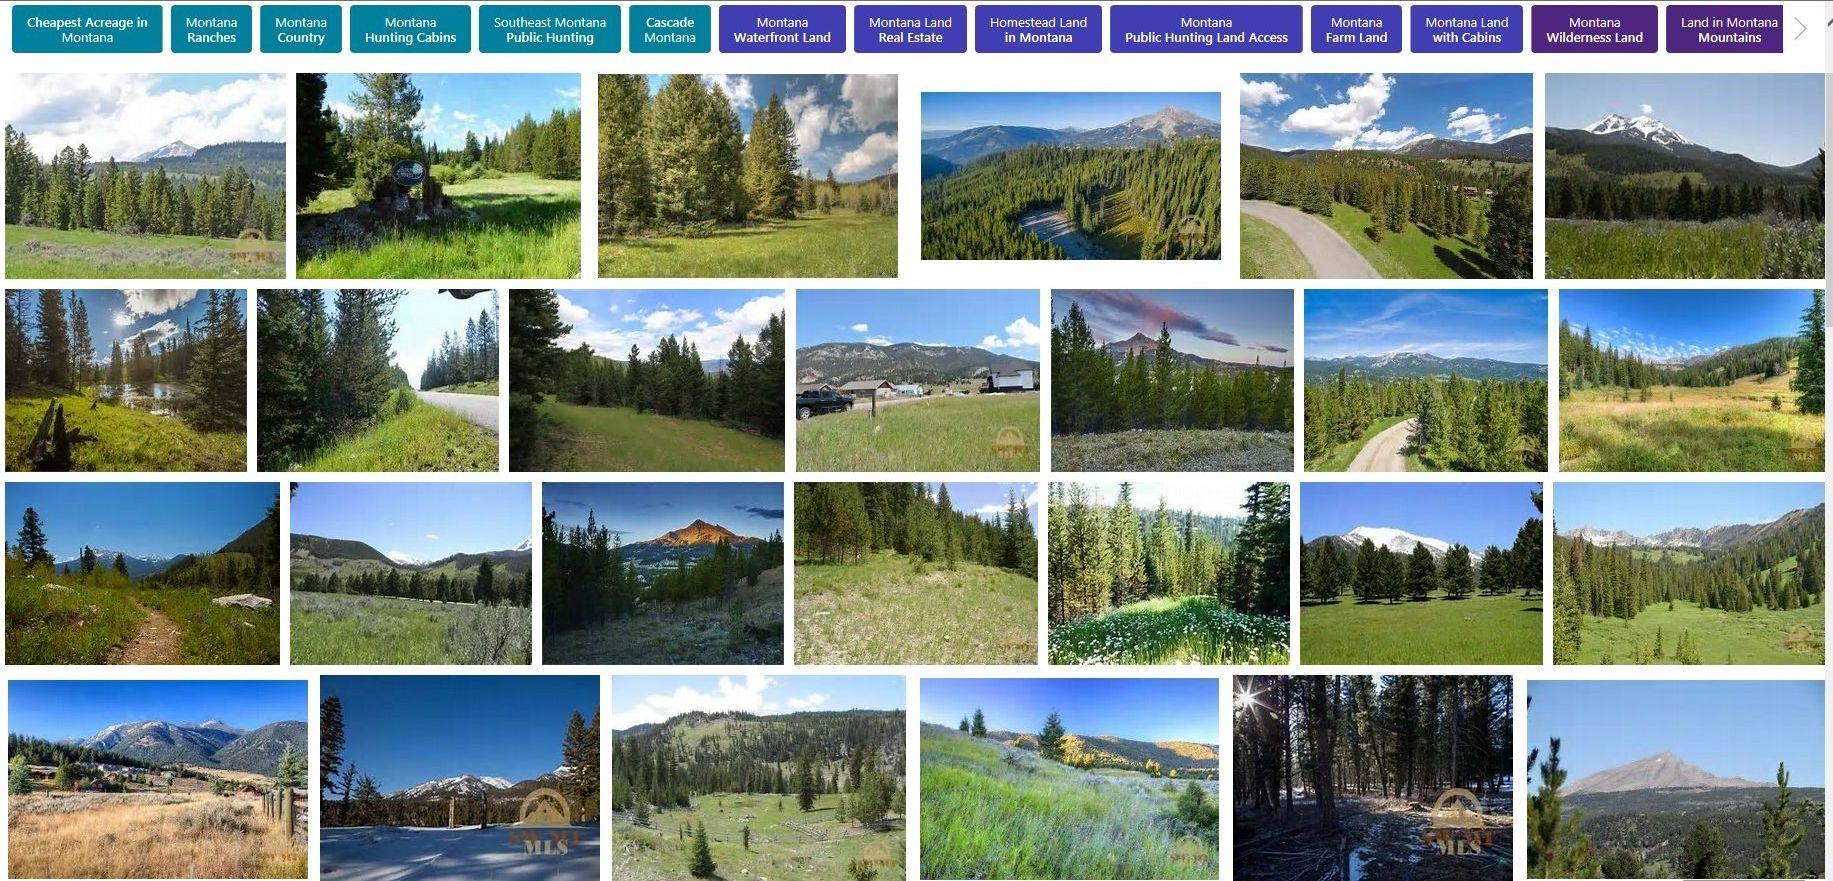 Montana Land For Sale Lots Parcels Subdivision Commercial Farm